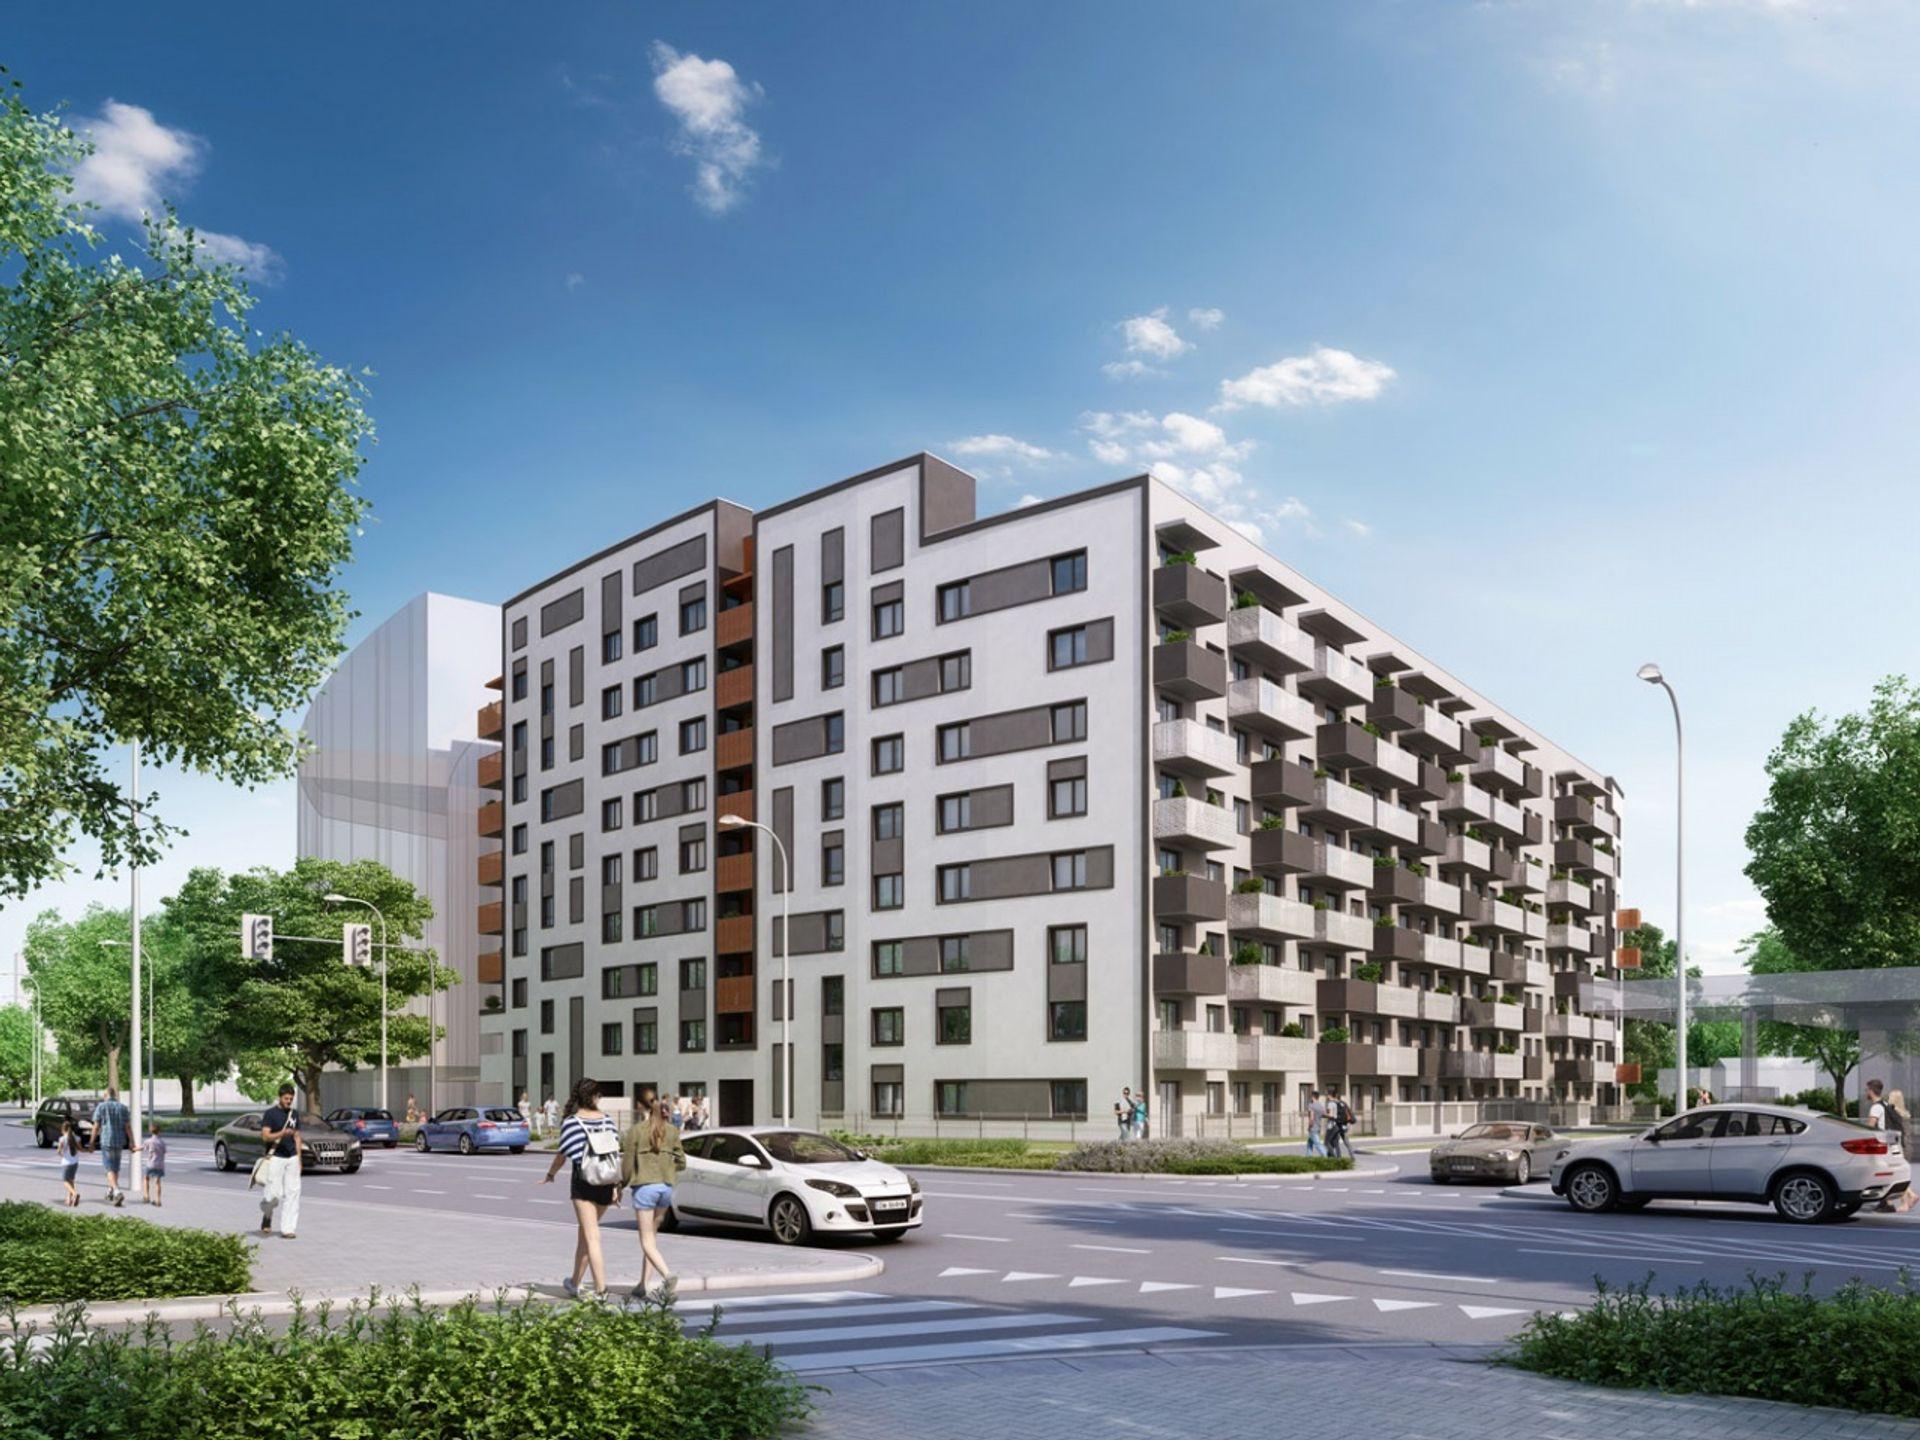 Kamienna 145. Tak będzie wyglądać osiedle LC Corp na ponad 400 mieszkań